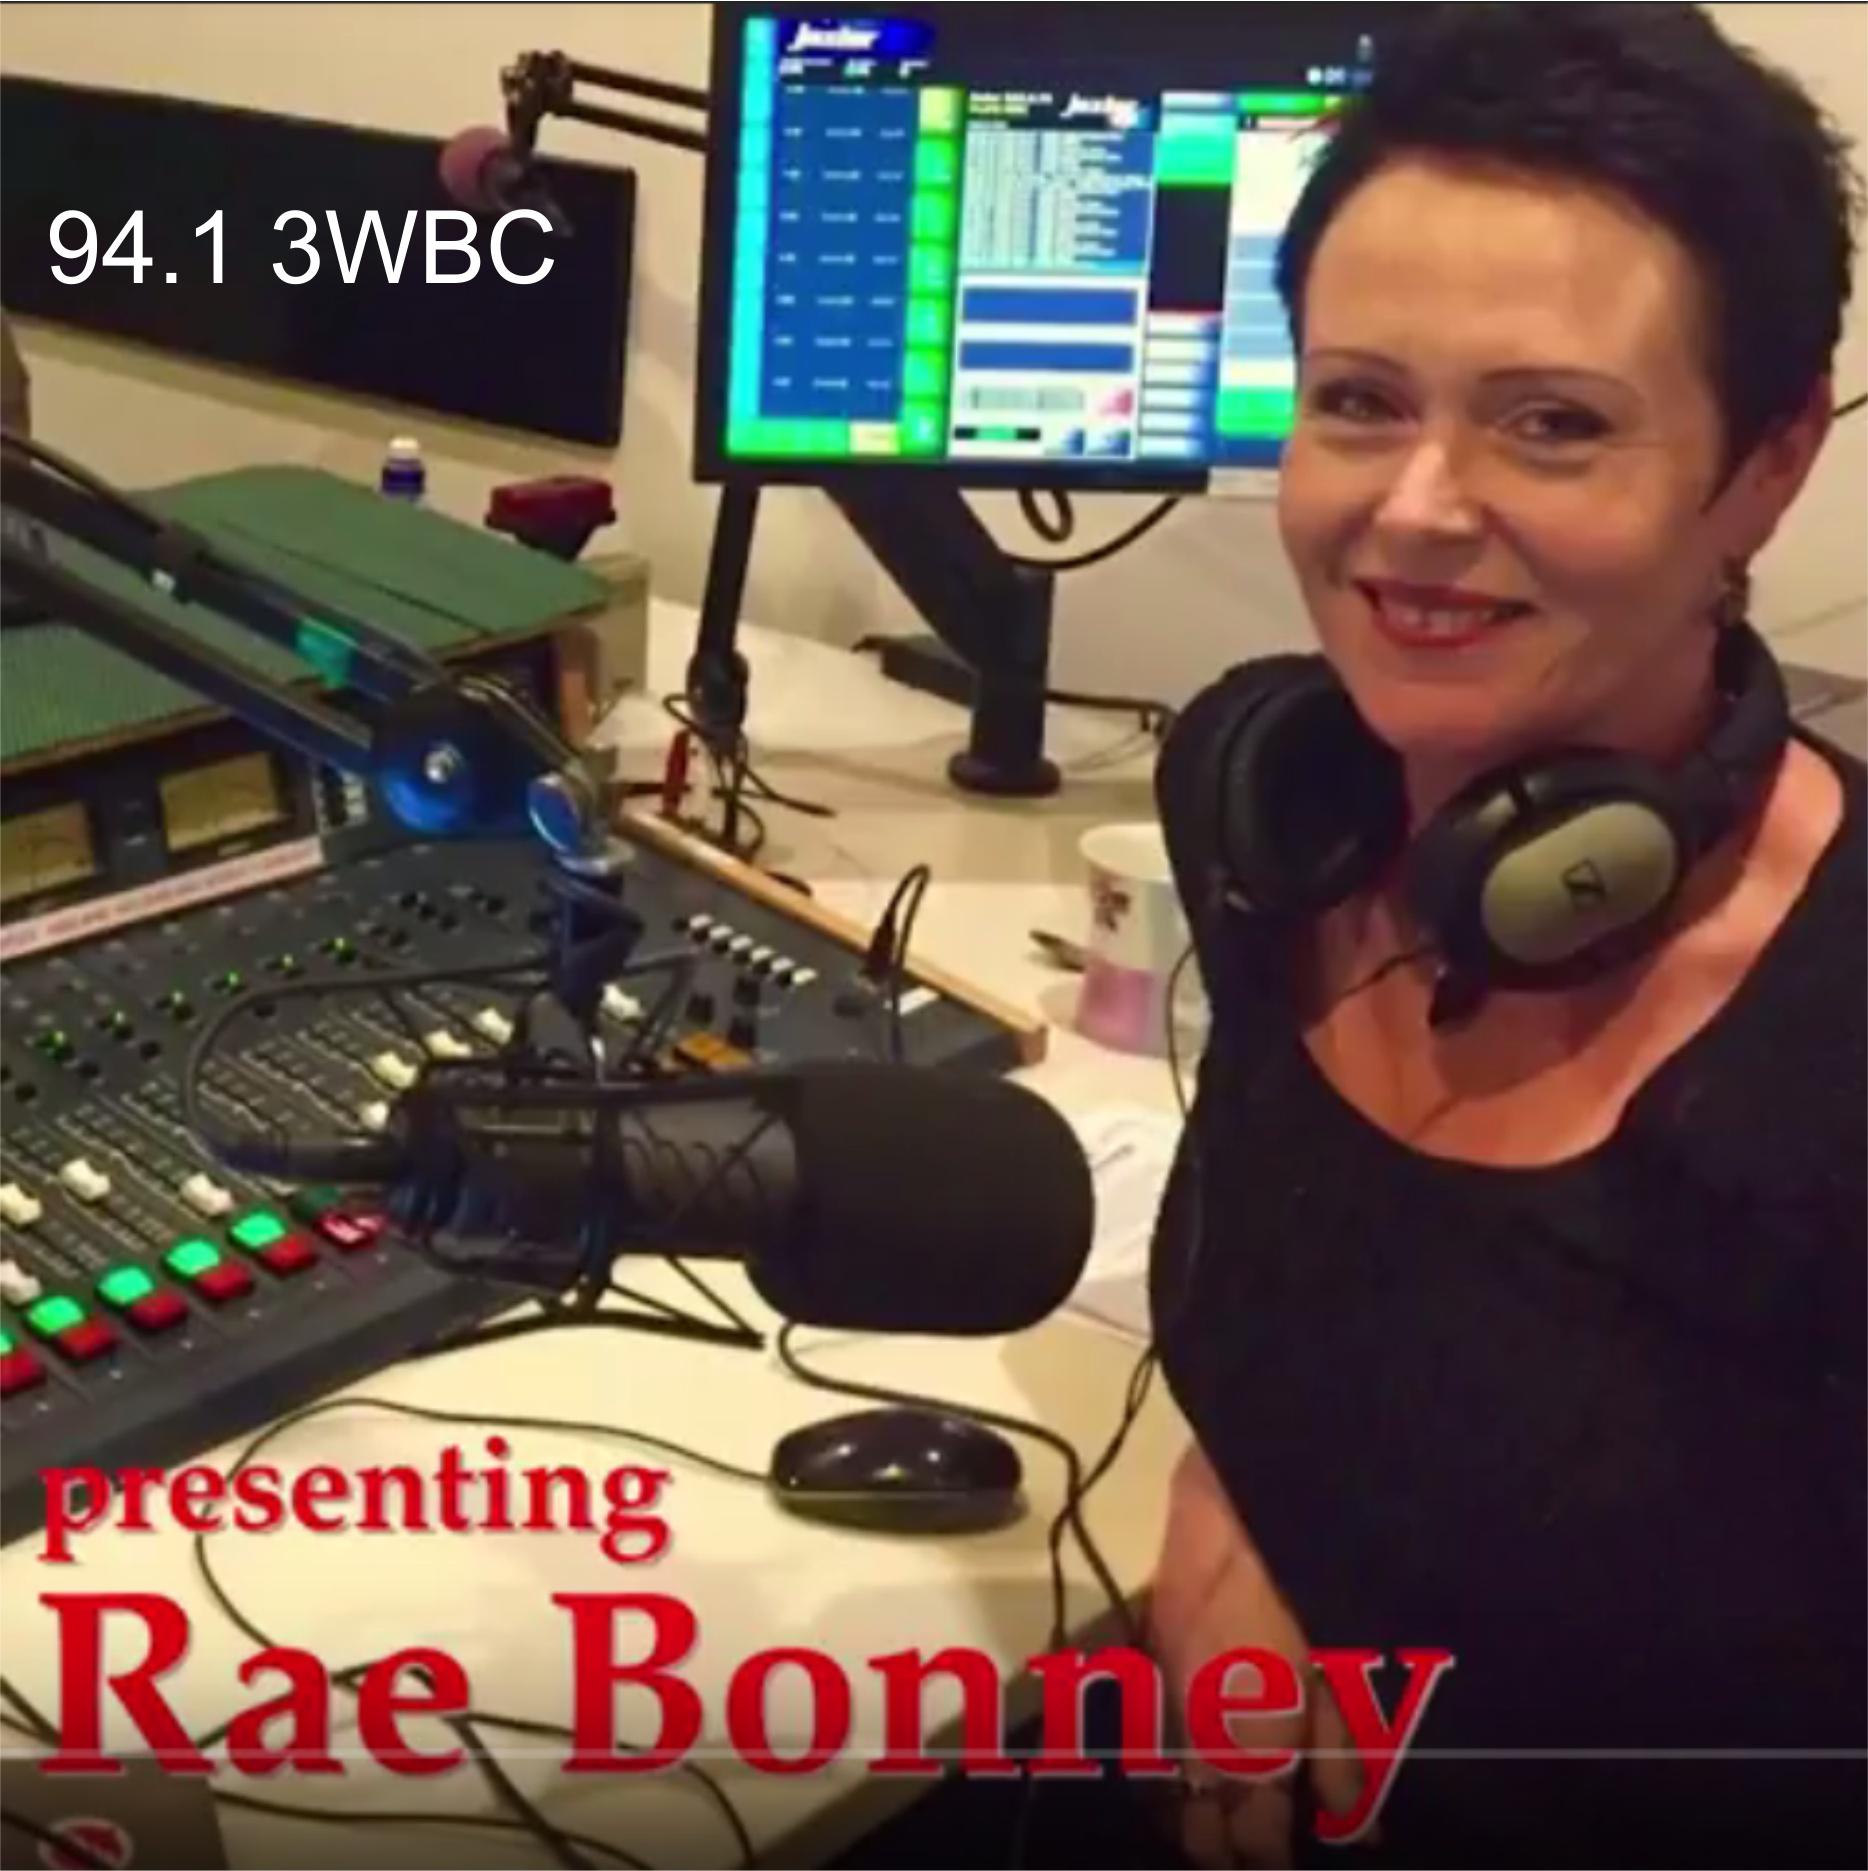 Presenting Rae Bonney.jpg